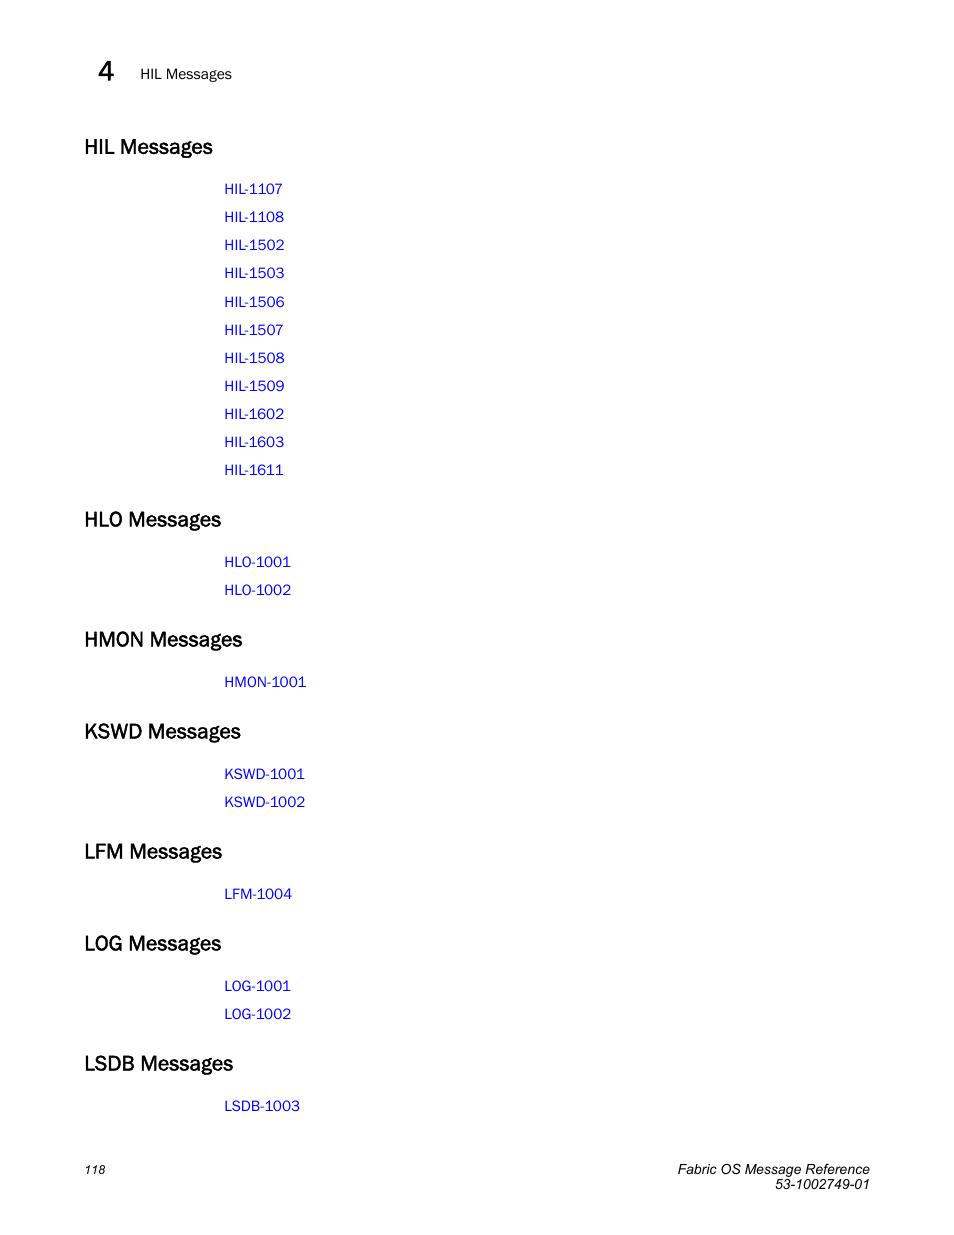 Hil messages, Hlo messages, Hmon messages | Kswd messages, Lfm messages, Log